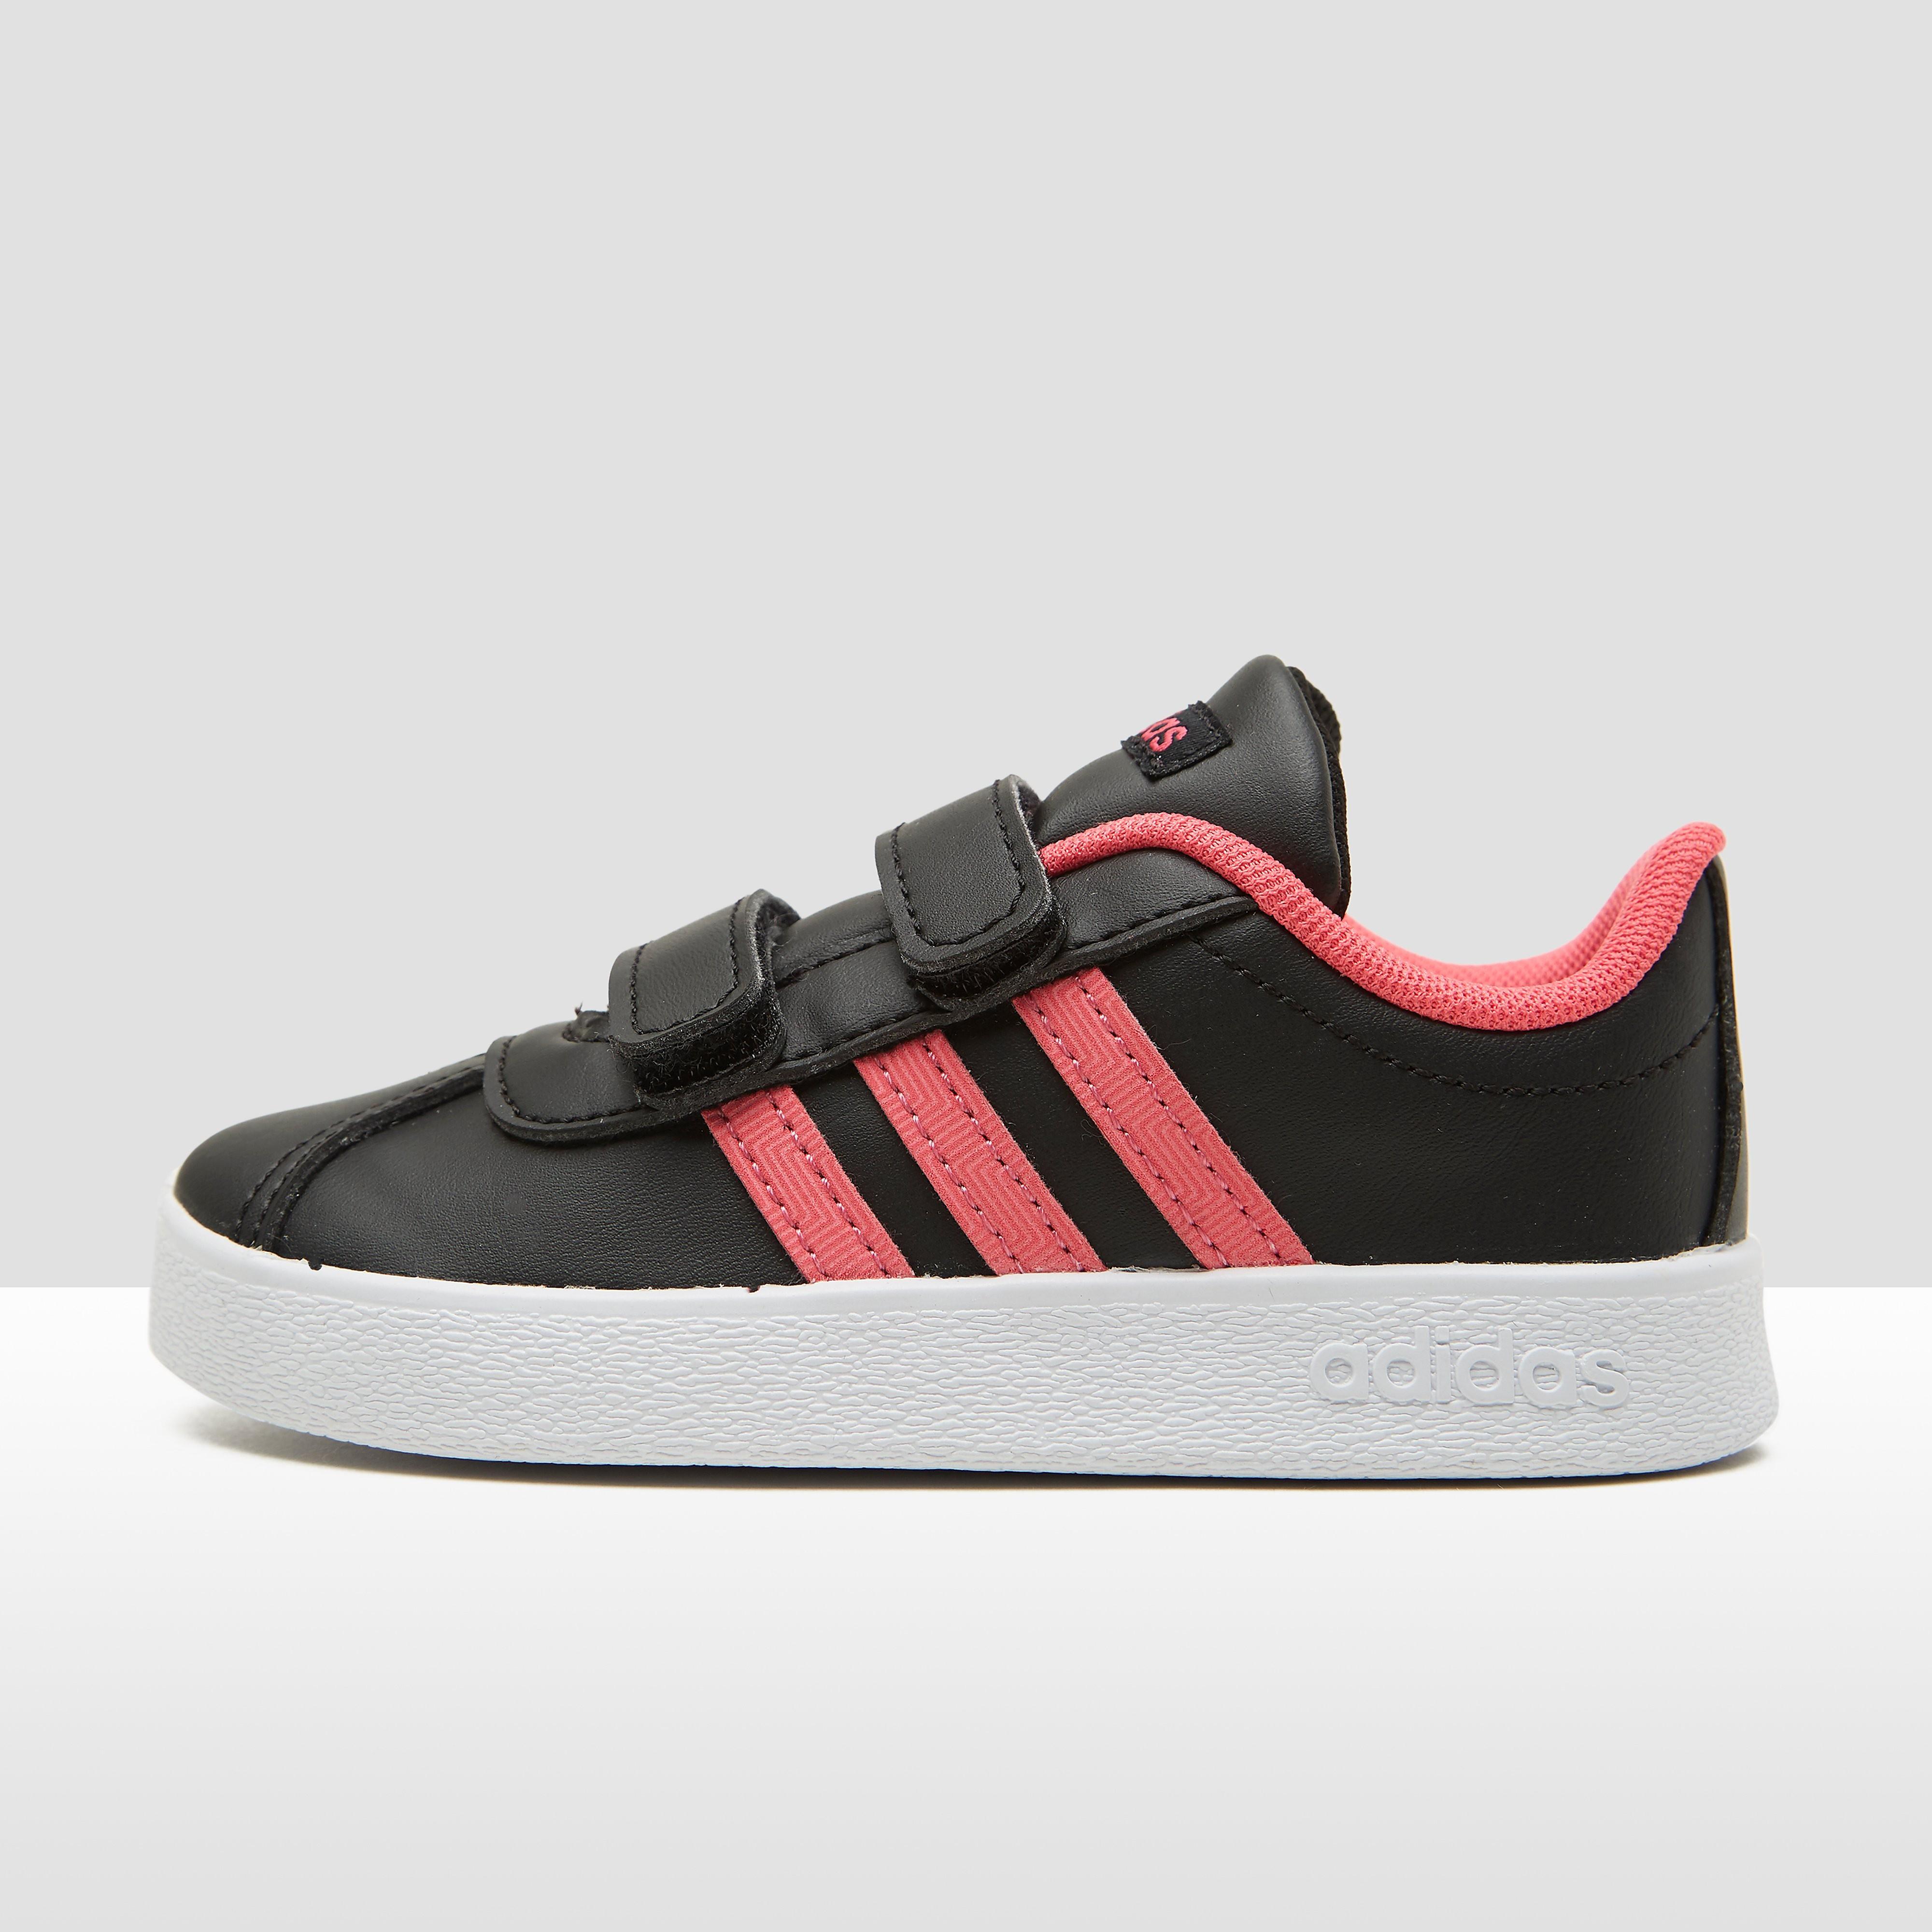 Adidas VL Court babysneaker roze en wit